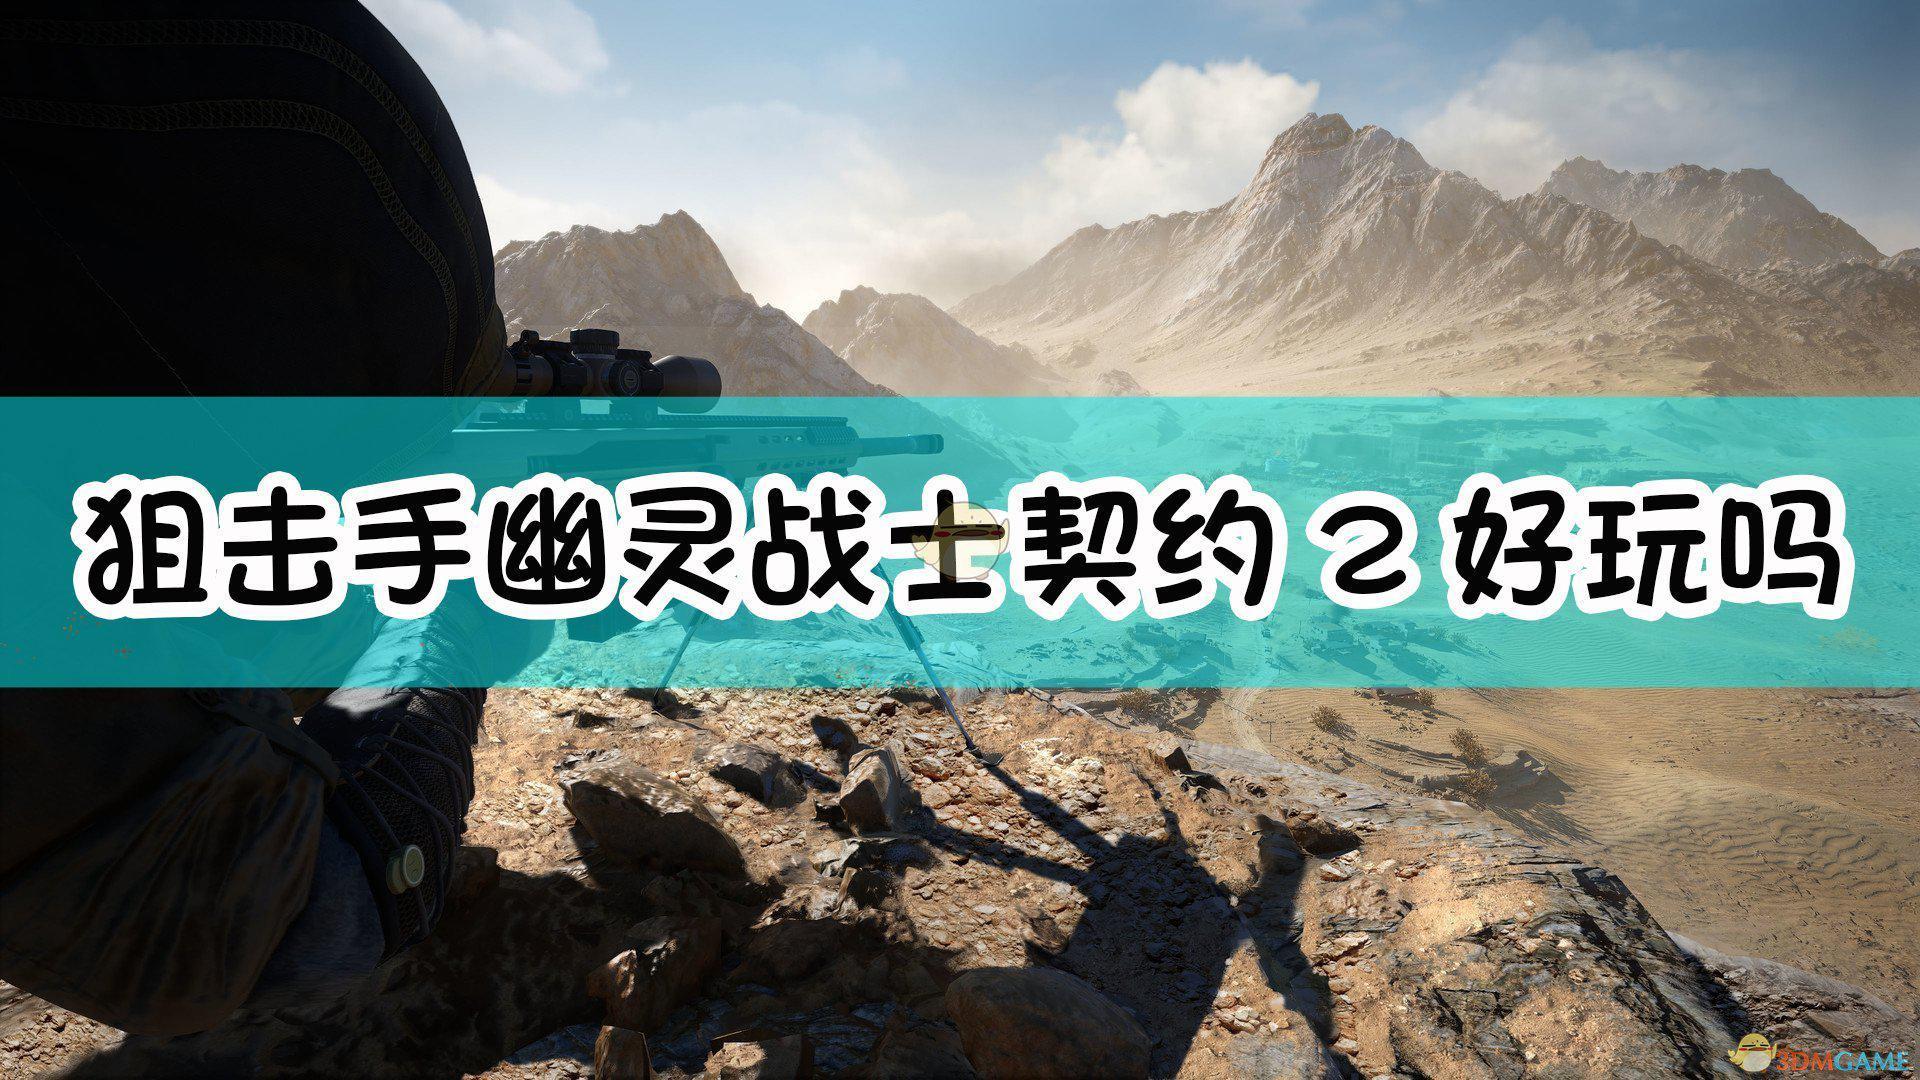 《狙擊手:幽靈戰士契約2》遊戲特色介紹